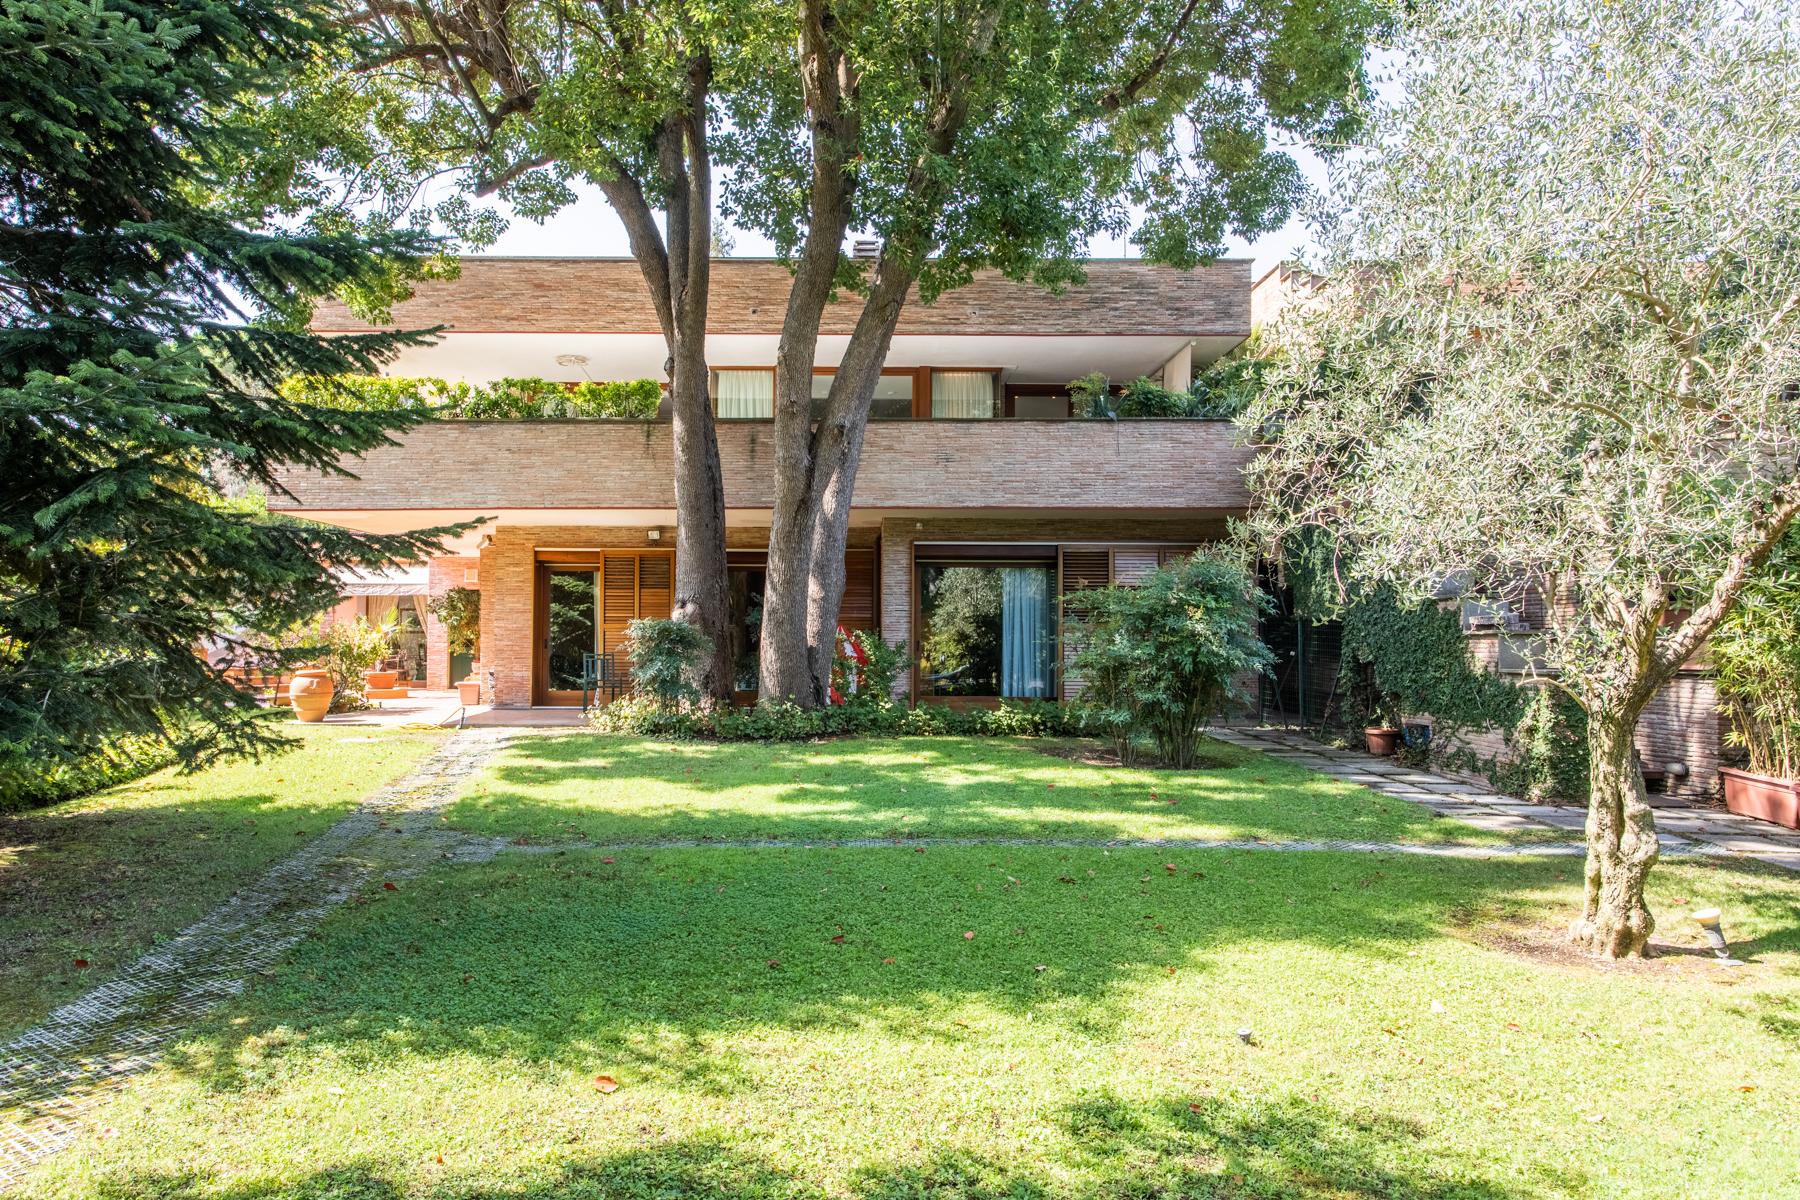 Quadri Moderni Roma Vendita ville di lusso in vendita a roma - trovocasa pregio